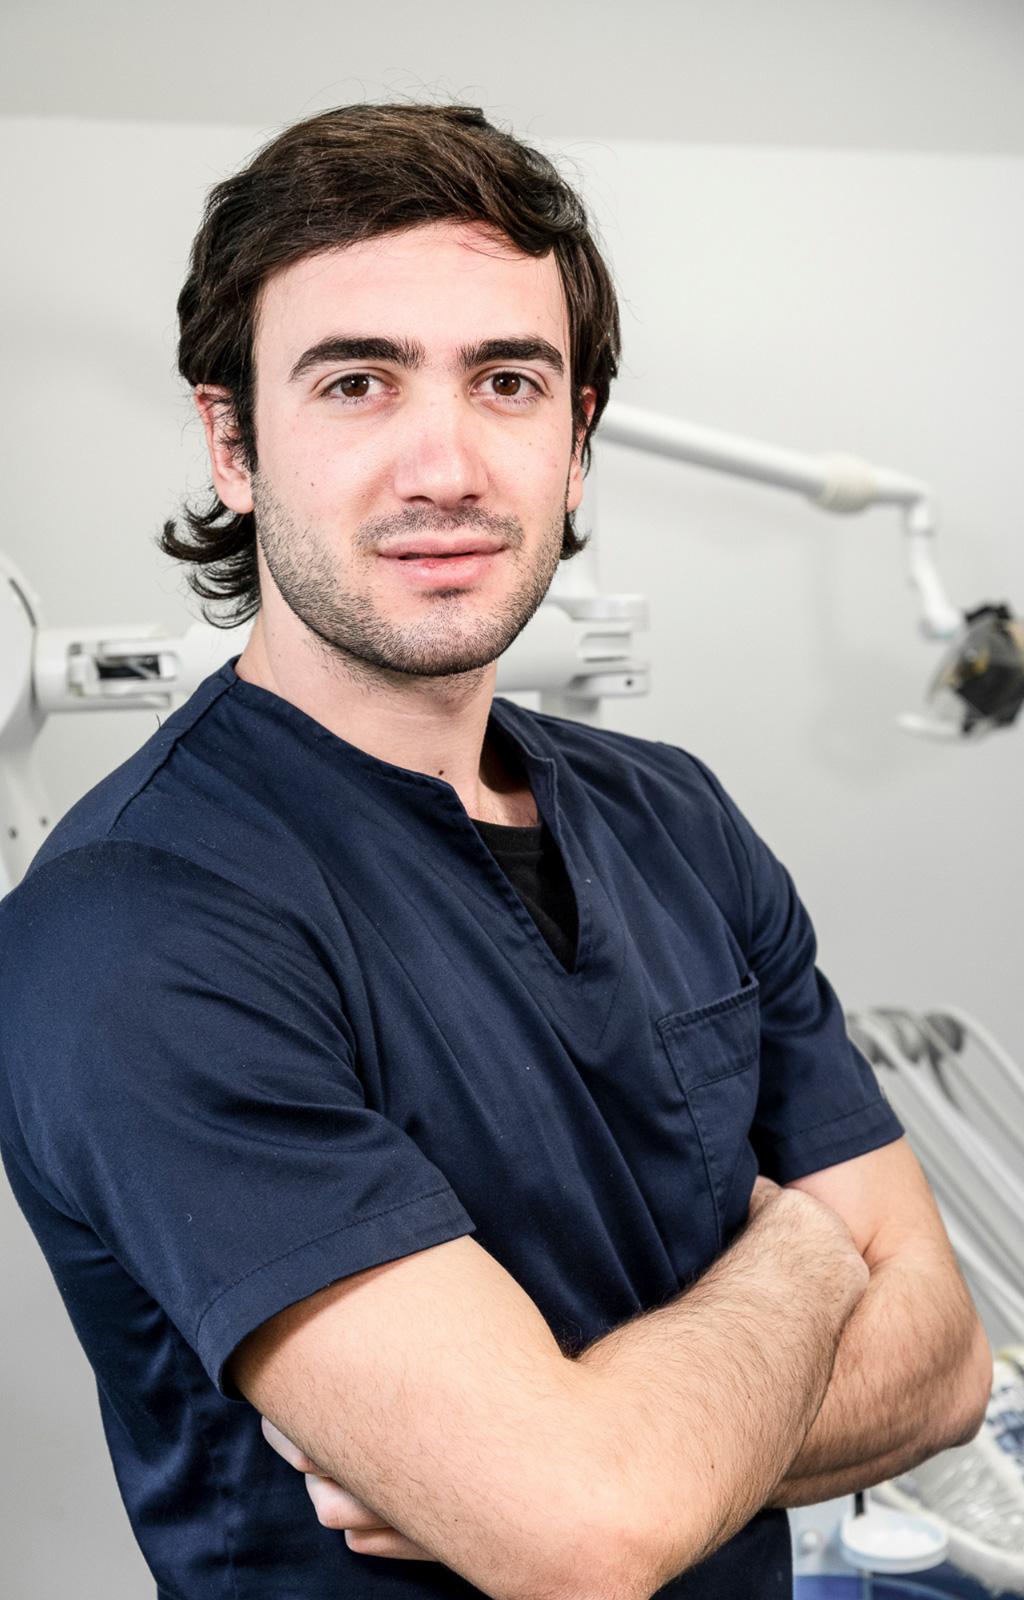 Dott. Alessandro Lucchetta